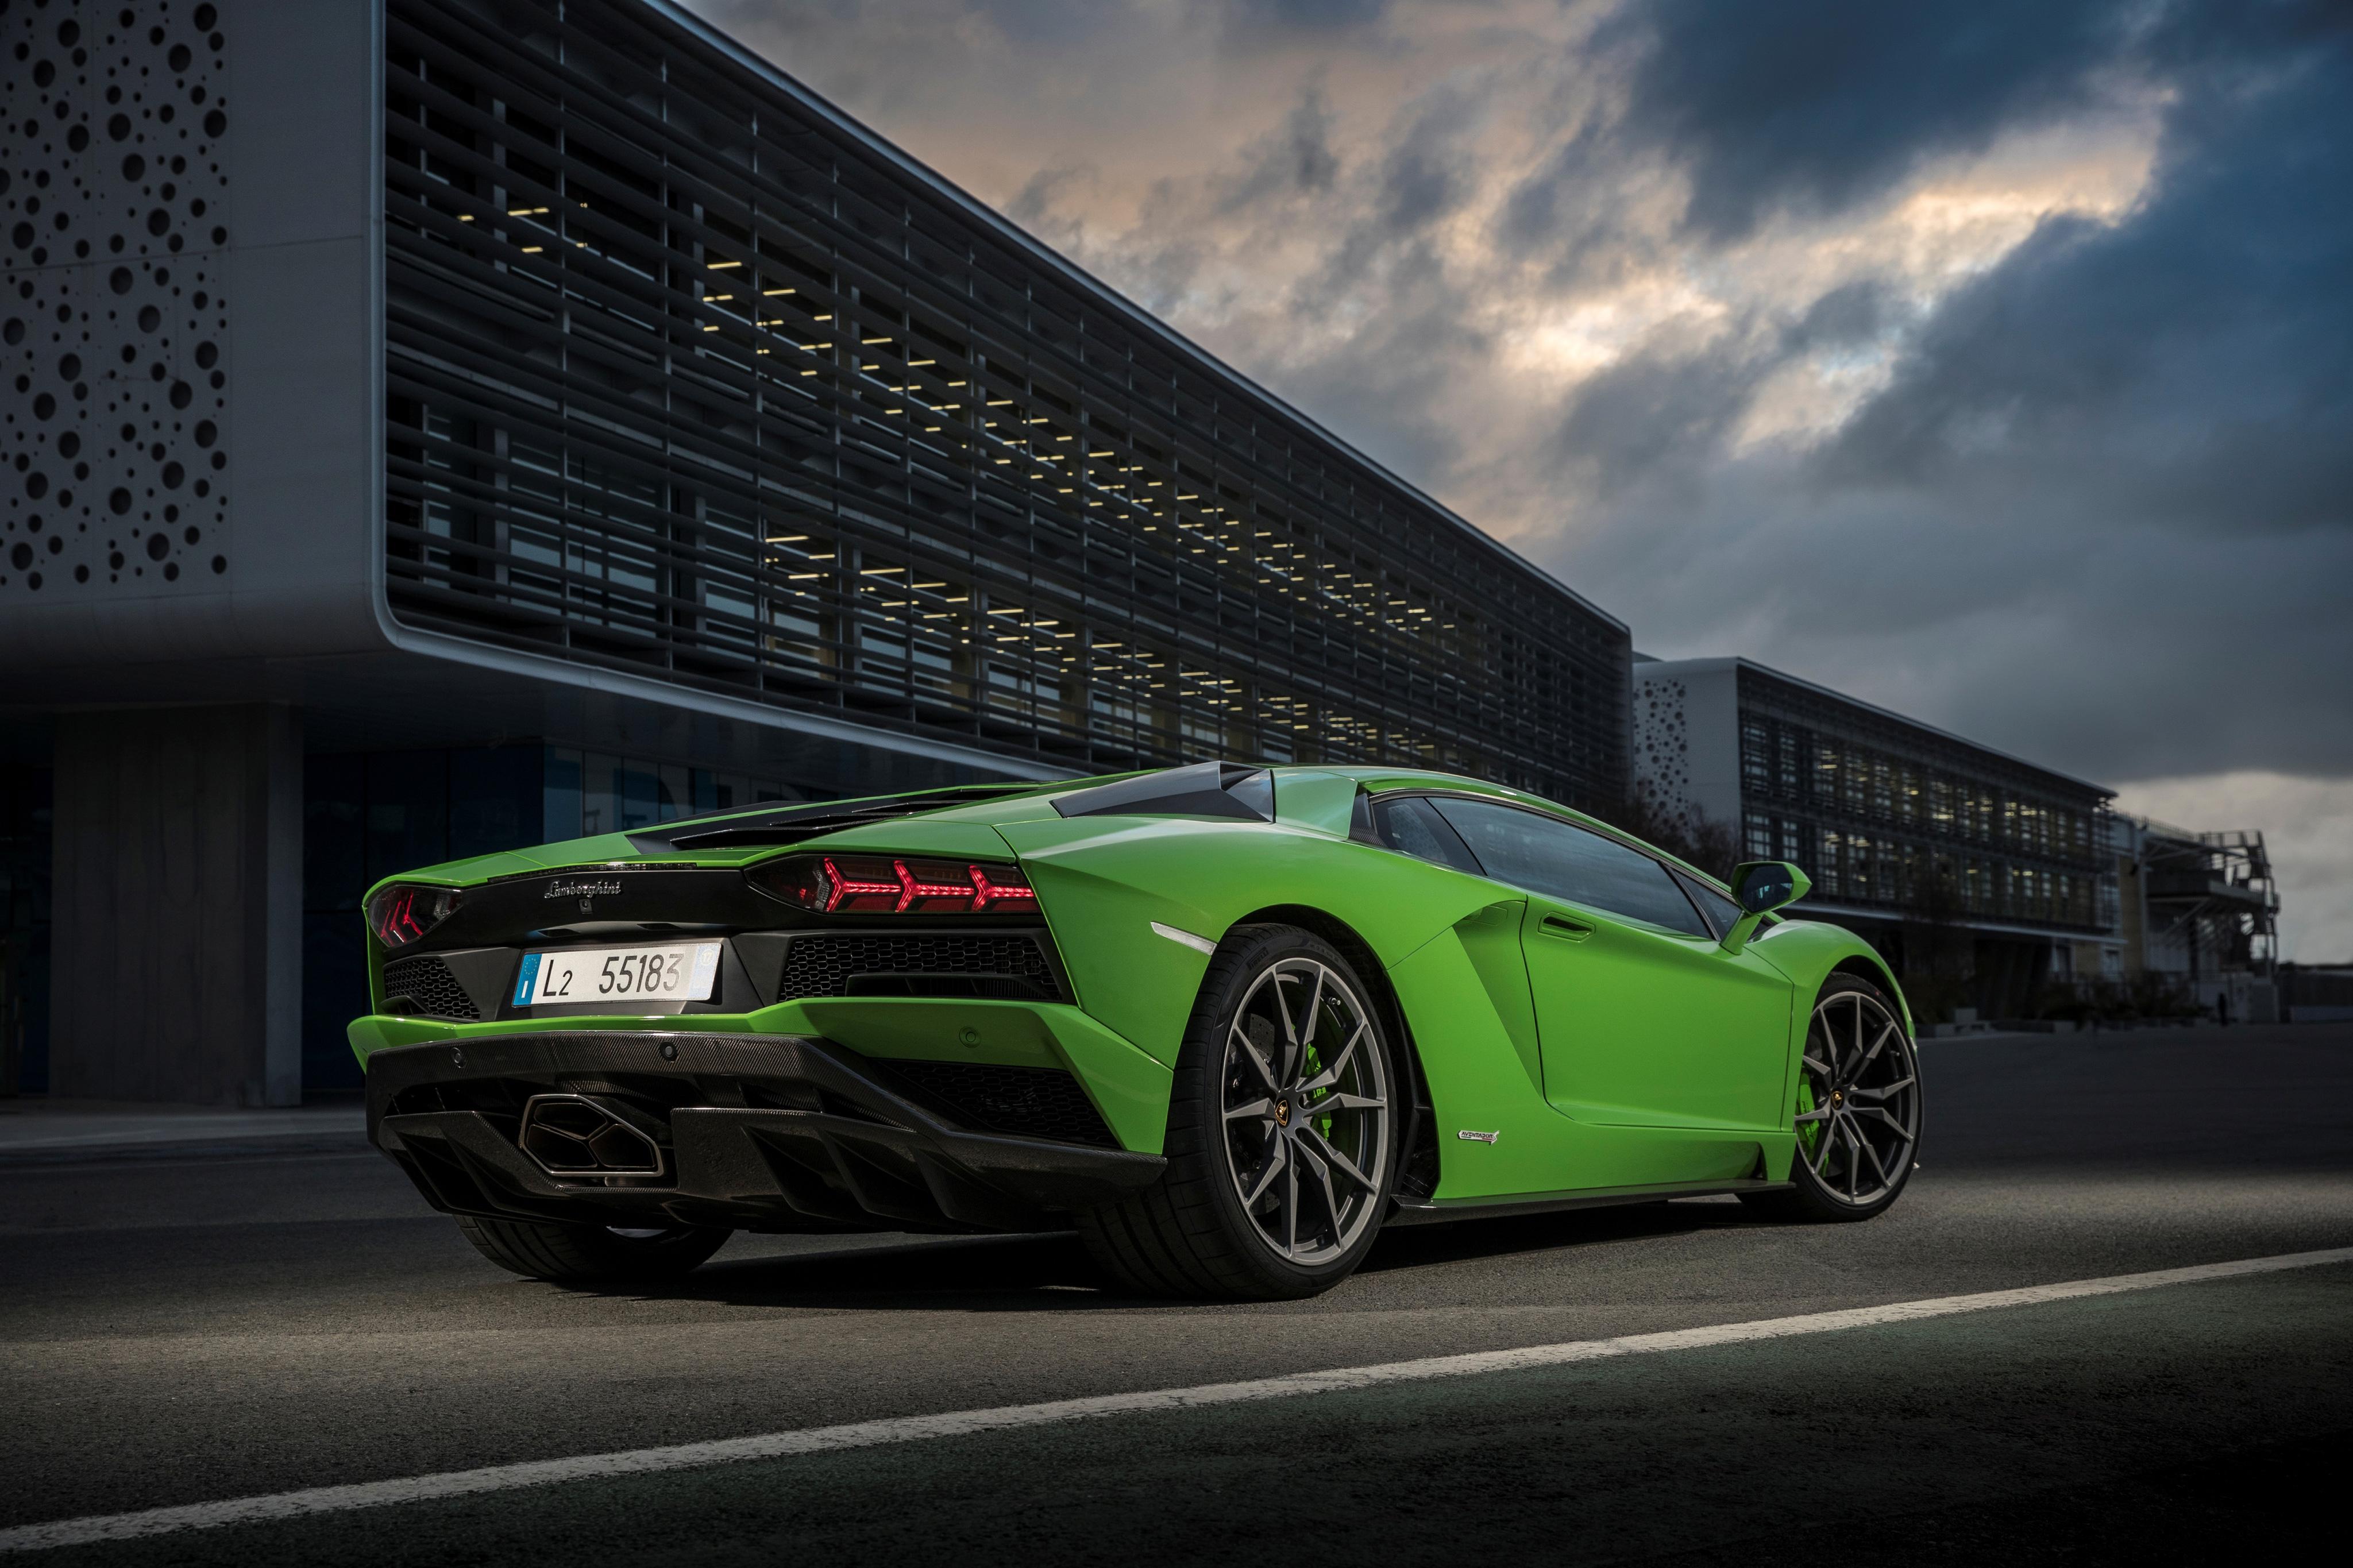 Lamborghini Aventador S 2018, HD Cars, 4k Wallpapers ...